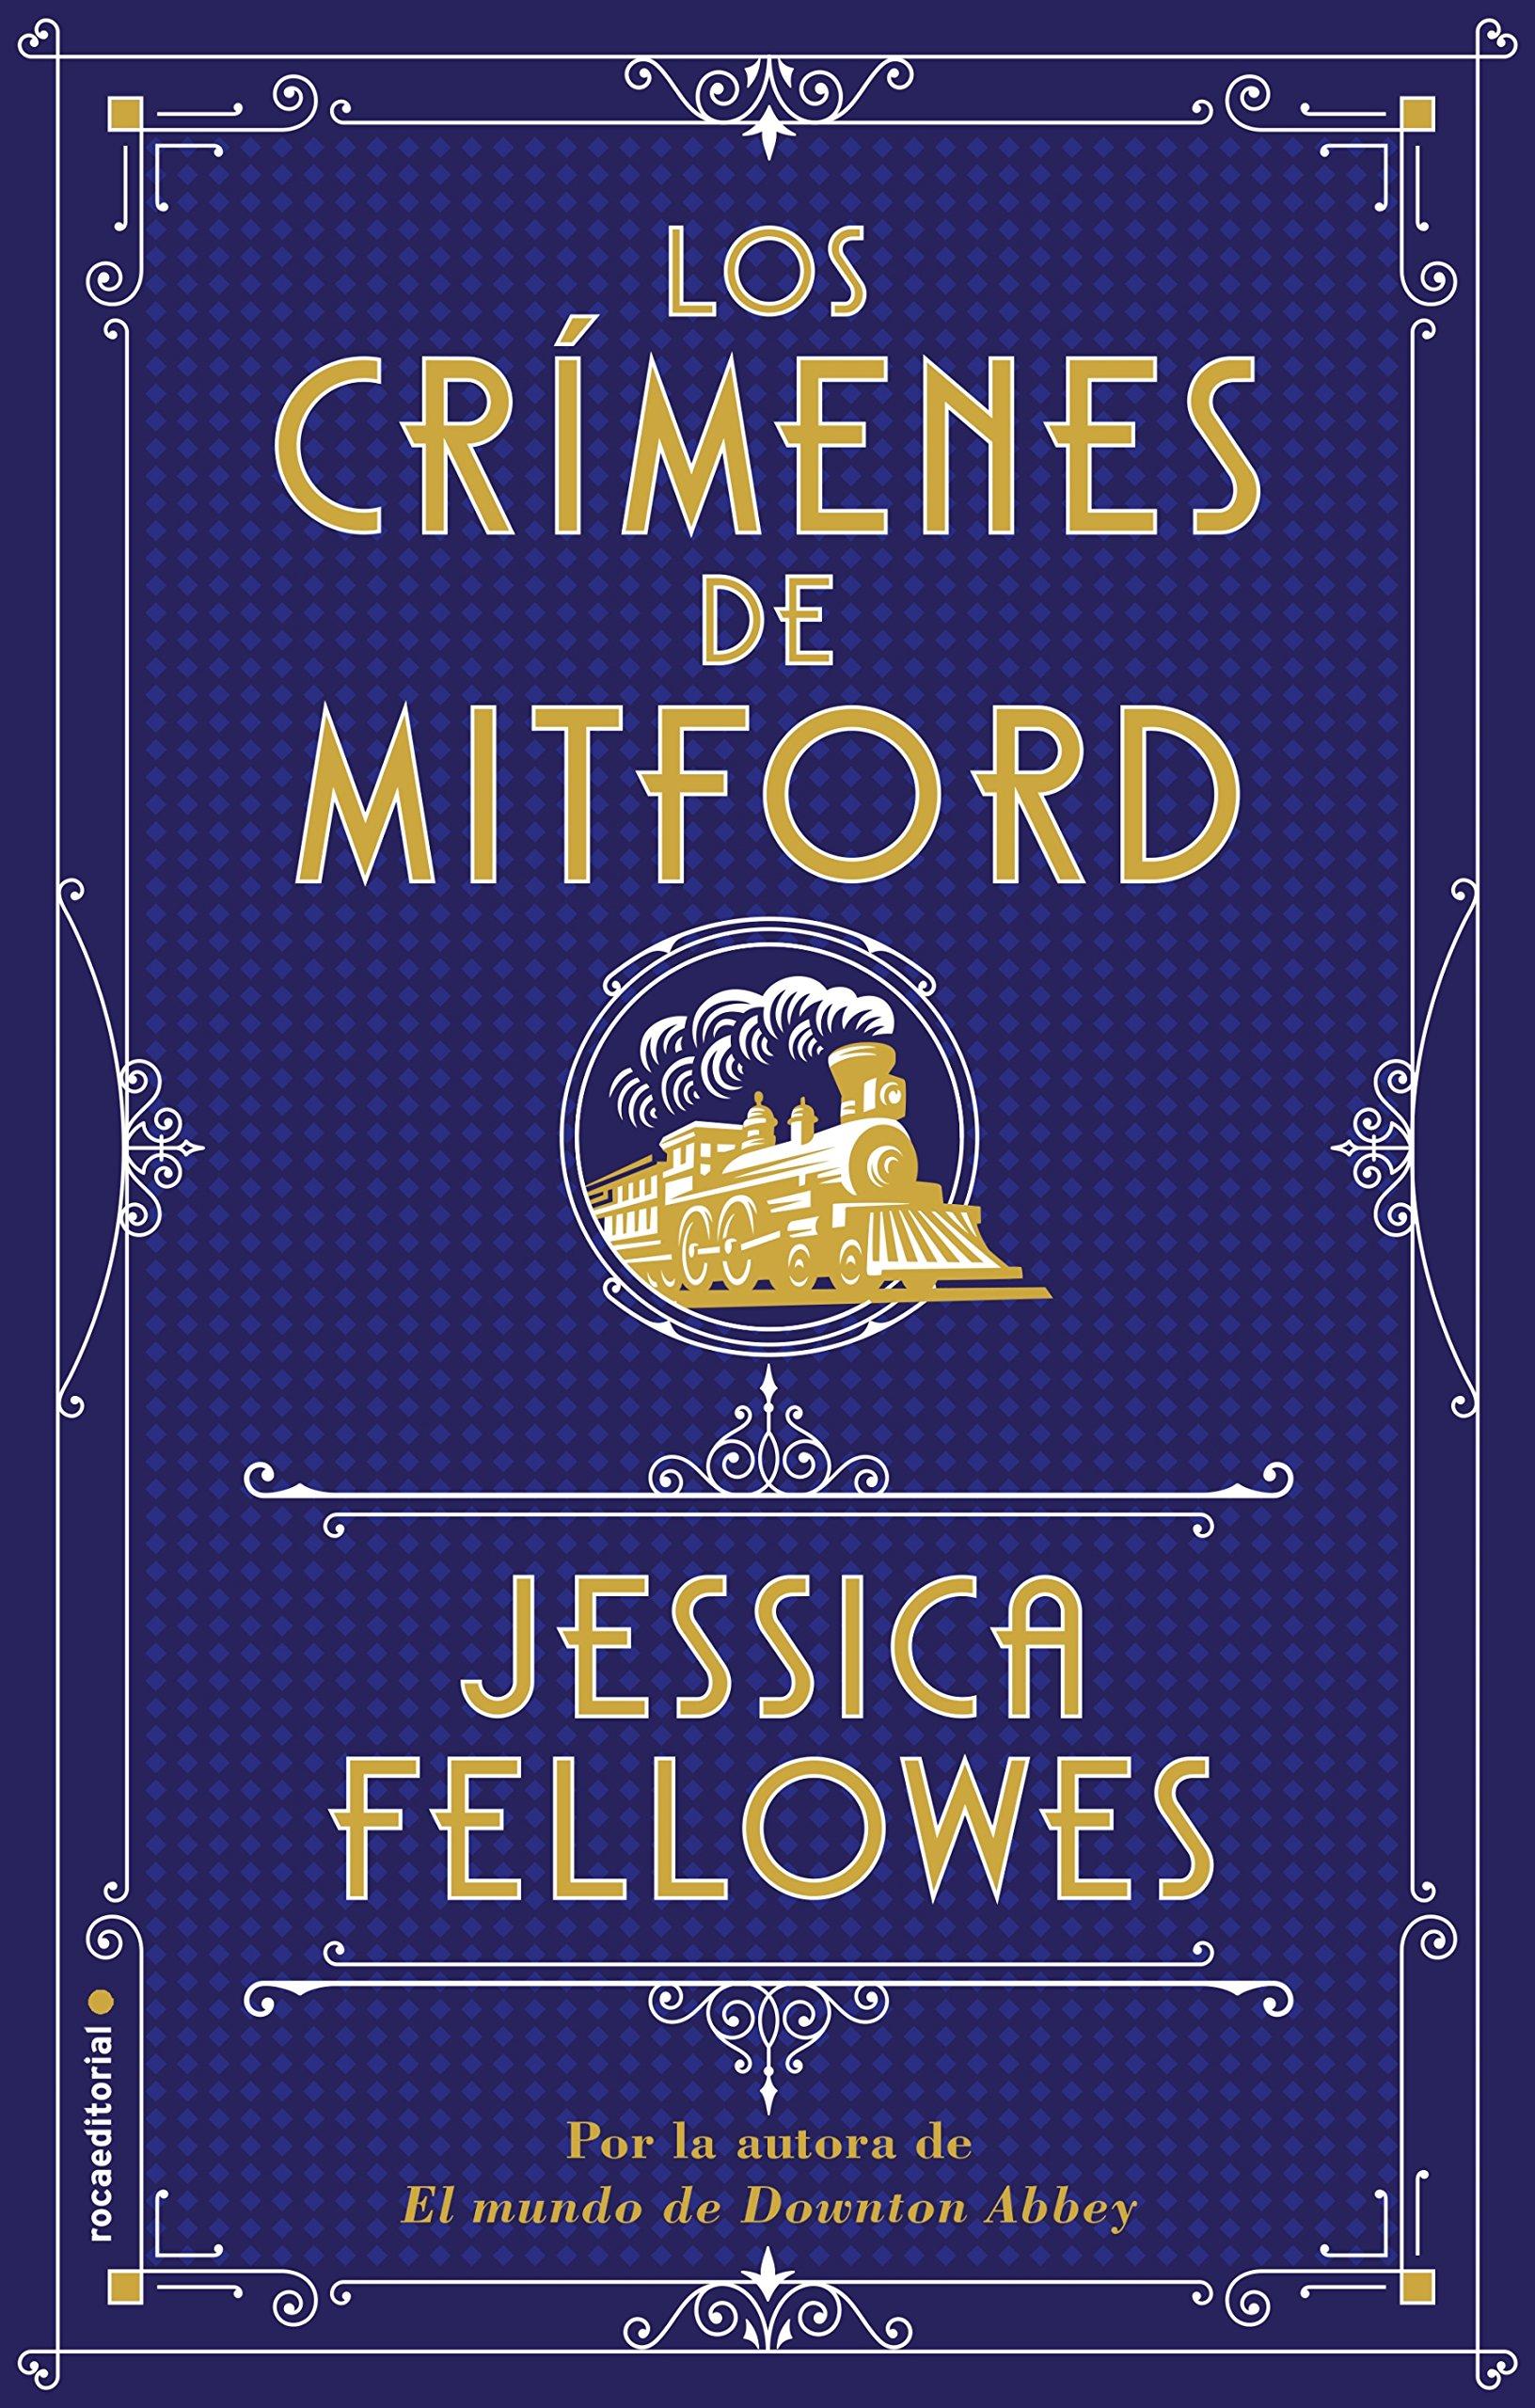 Los crímenes de Mitford (Histórica): Amazon.es: Fellowes, Jessica, Sanz, Rosa: Libros